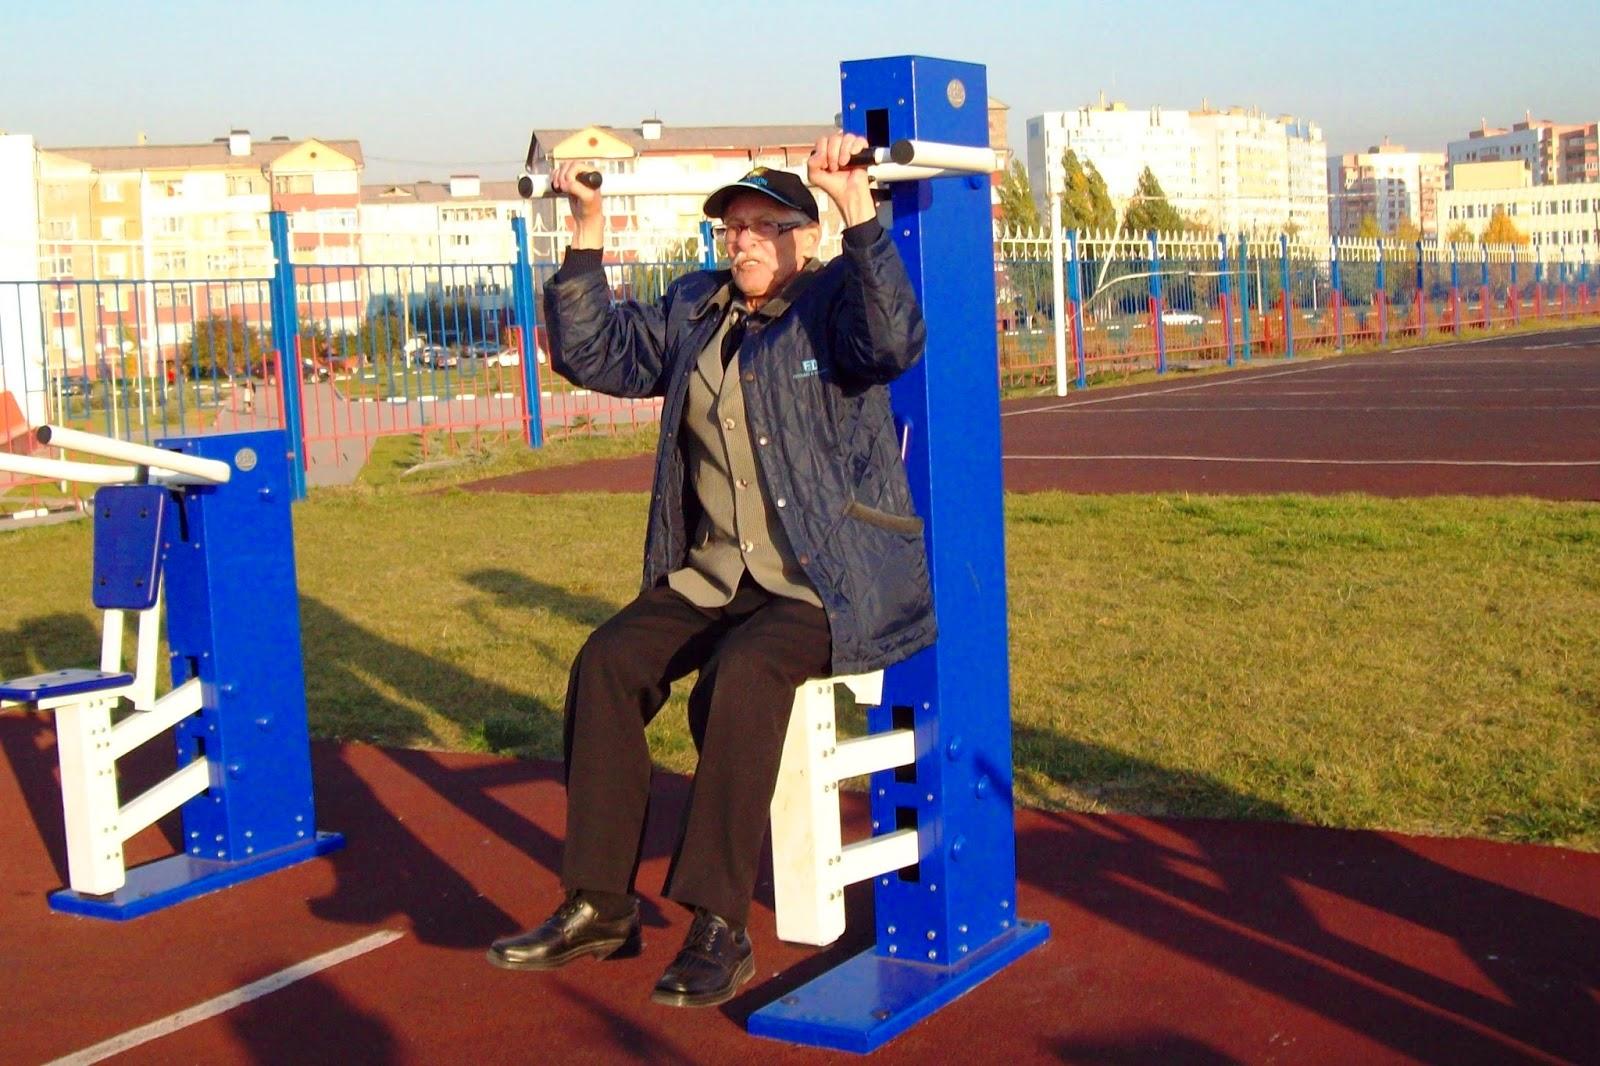 бланк заявления на пенсию по старости украина